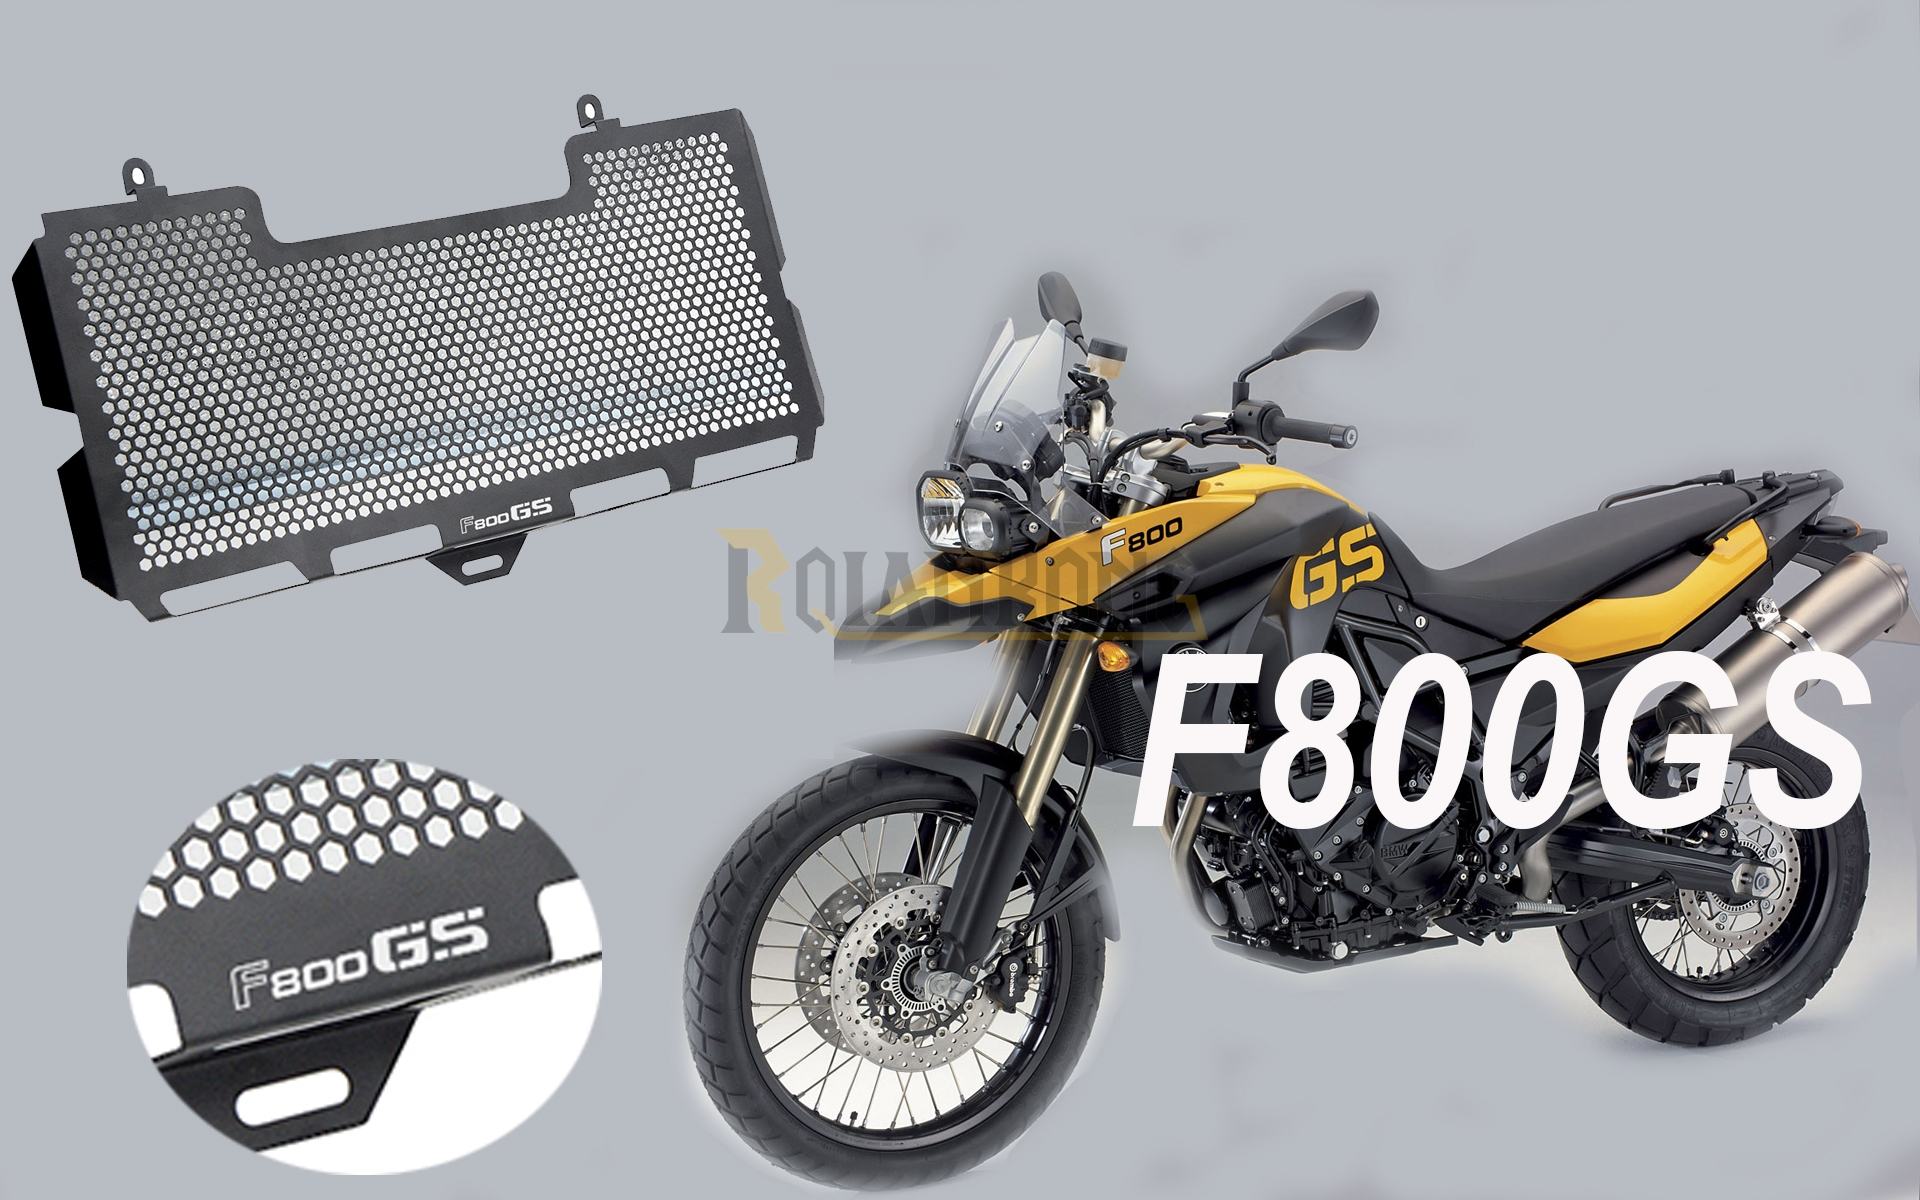 Для BMW F800GS мотоцикл Решетка радиатора Крышка предохранителя аксессуары защитная F 800GS 800 ГС (08-15)